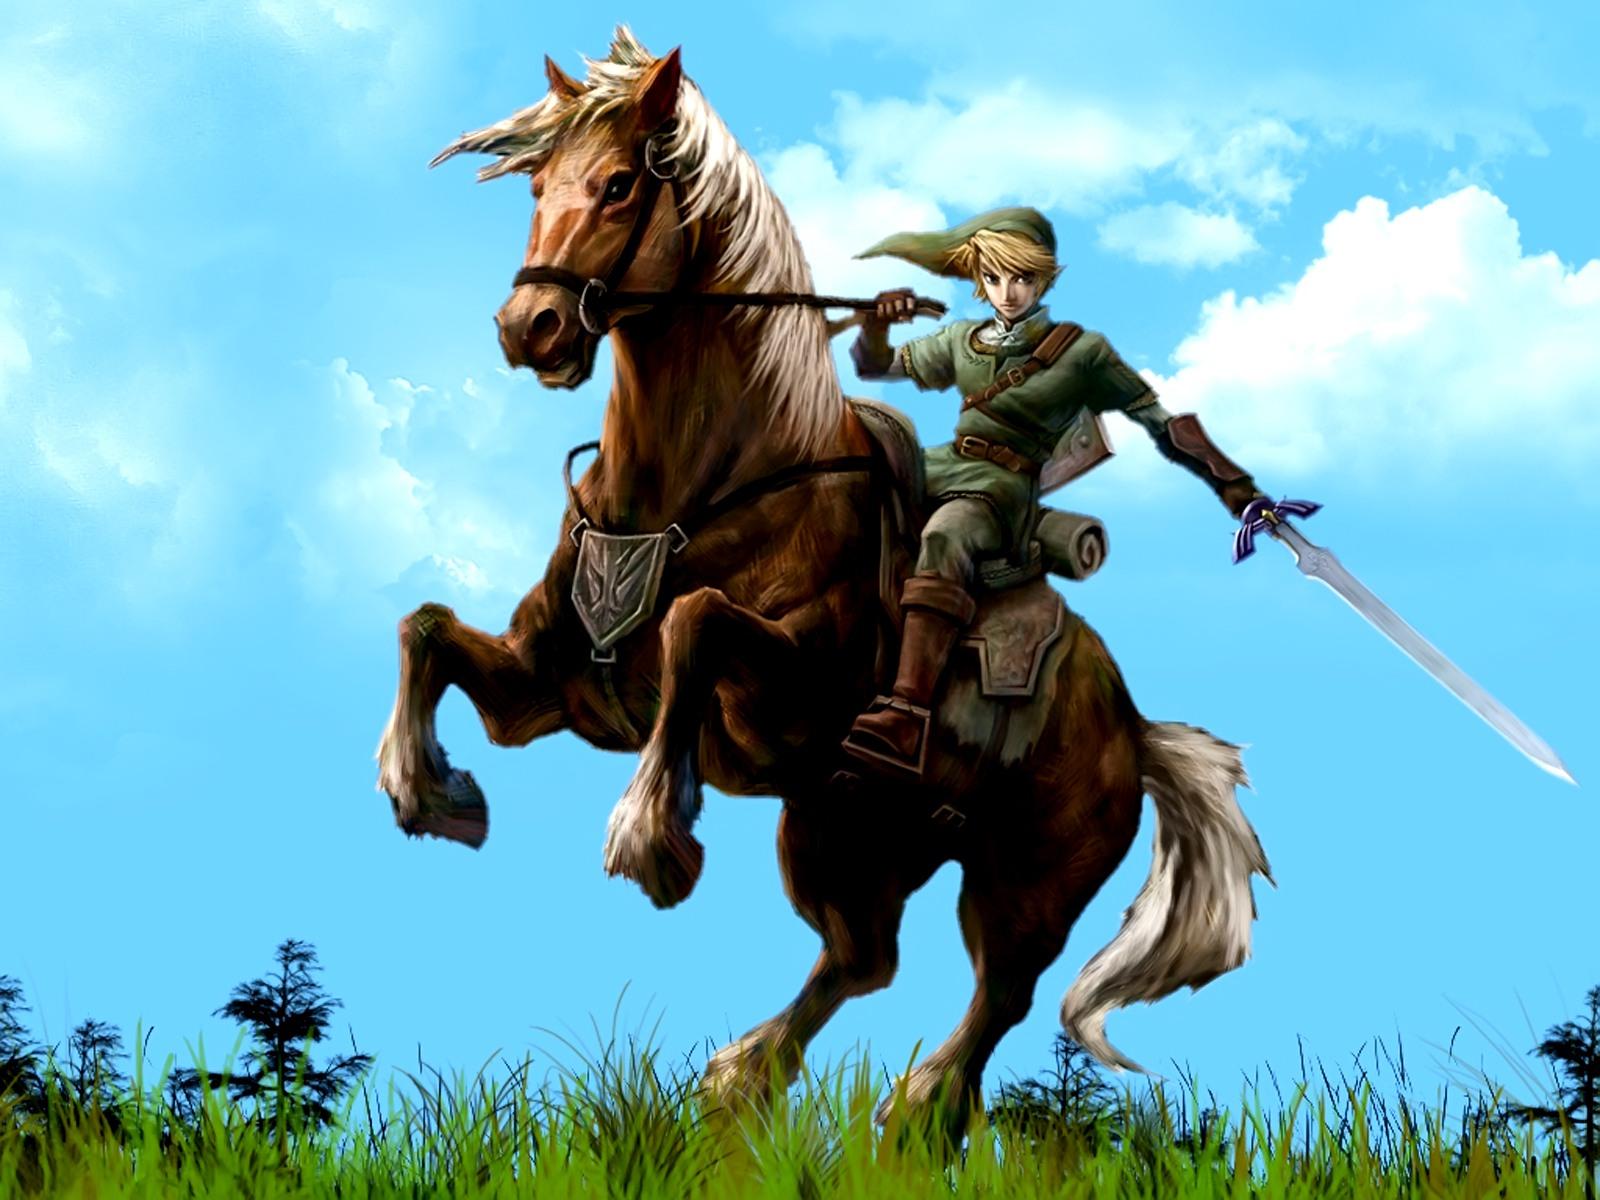 Legend of Zeldas Link desktop wallpaper 1600x1200